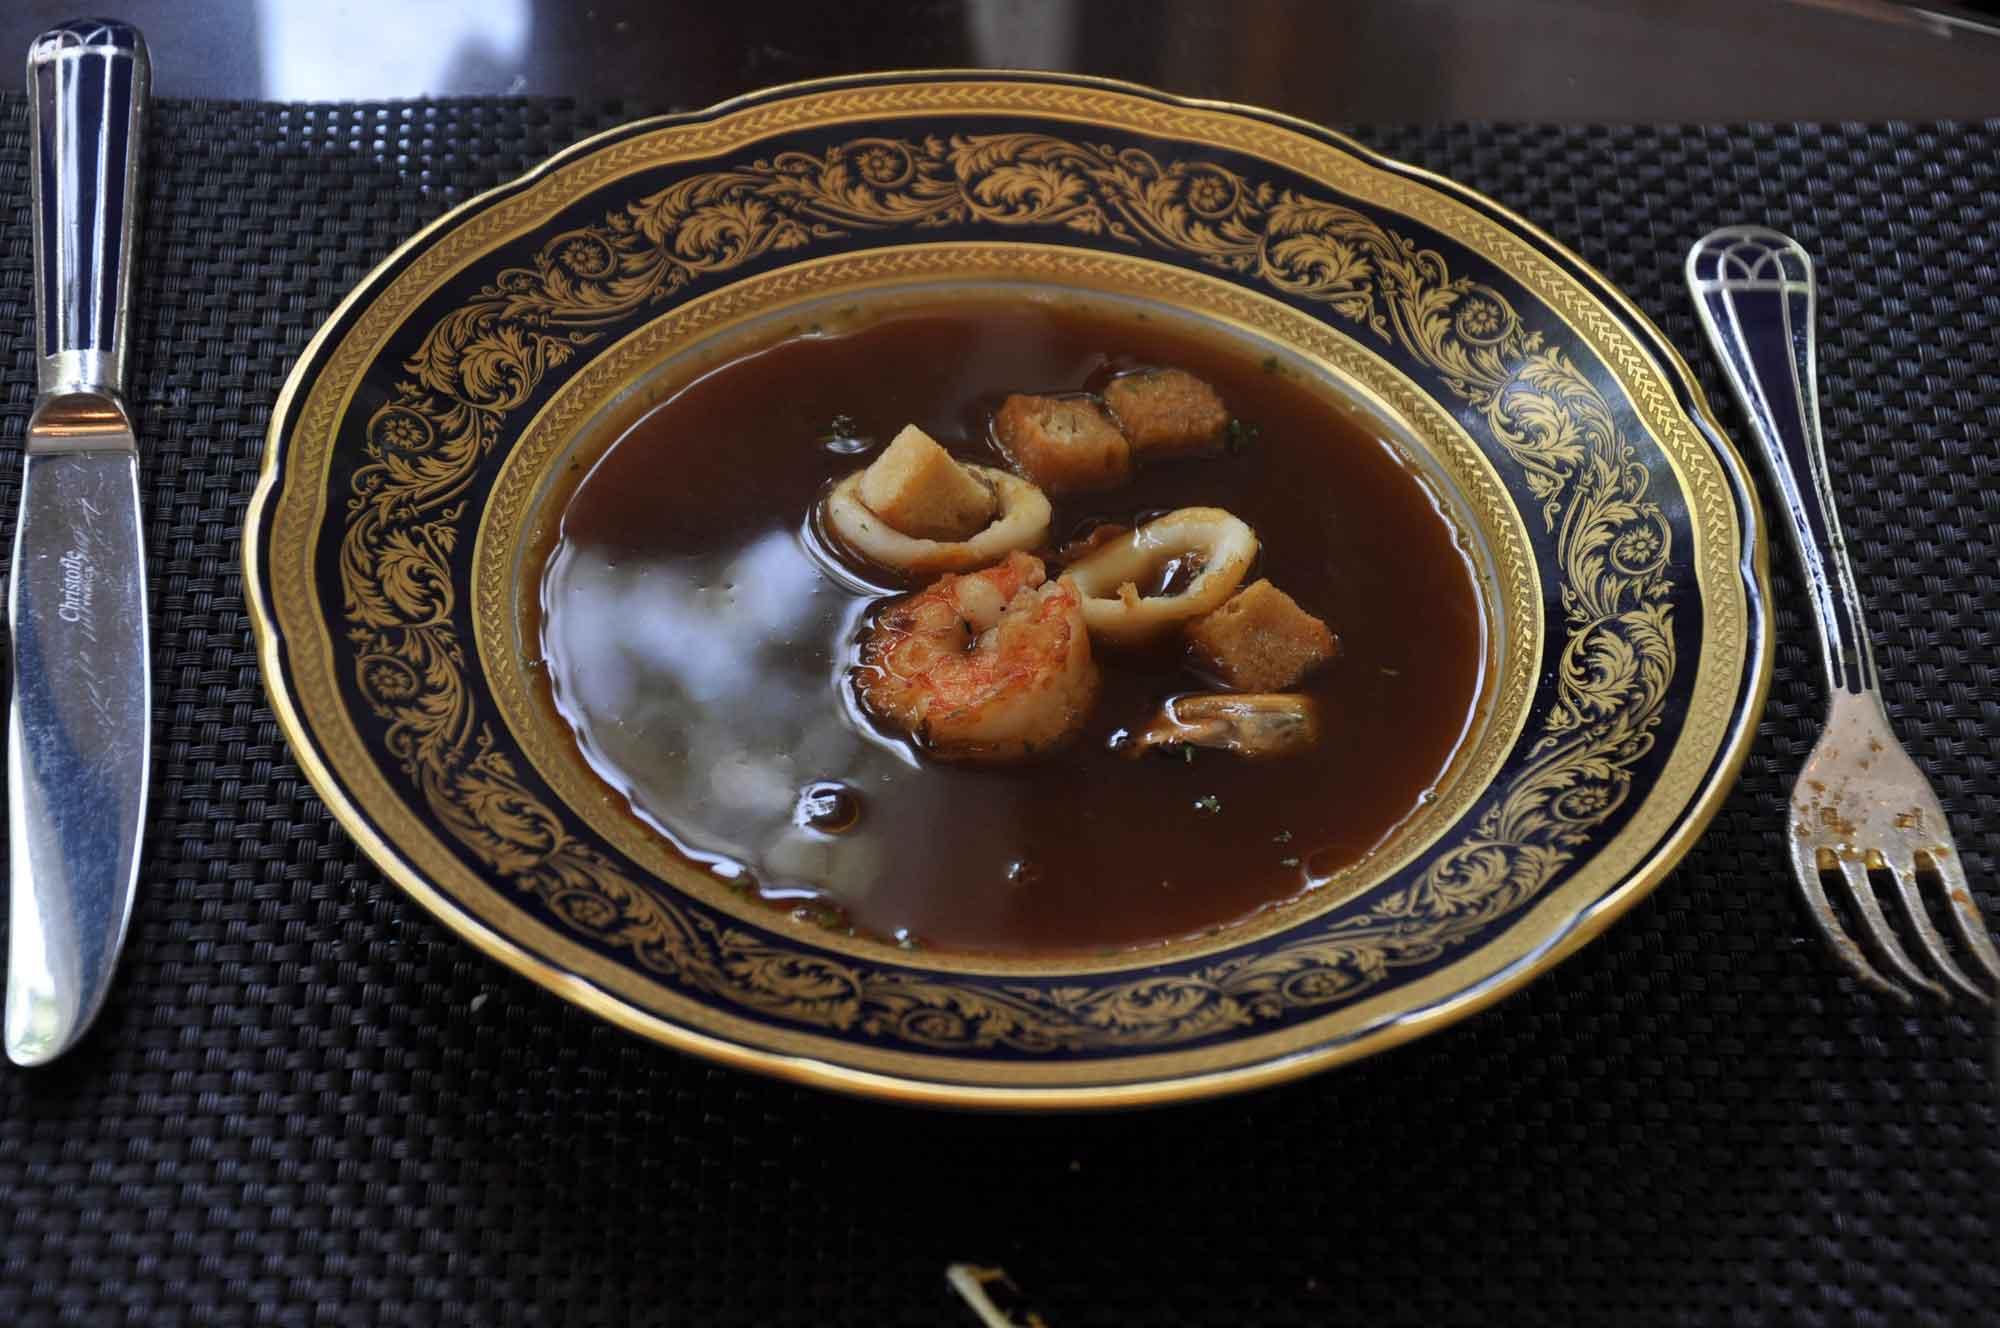 La Paloma Macau seafood soup